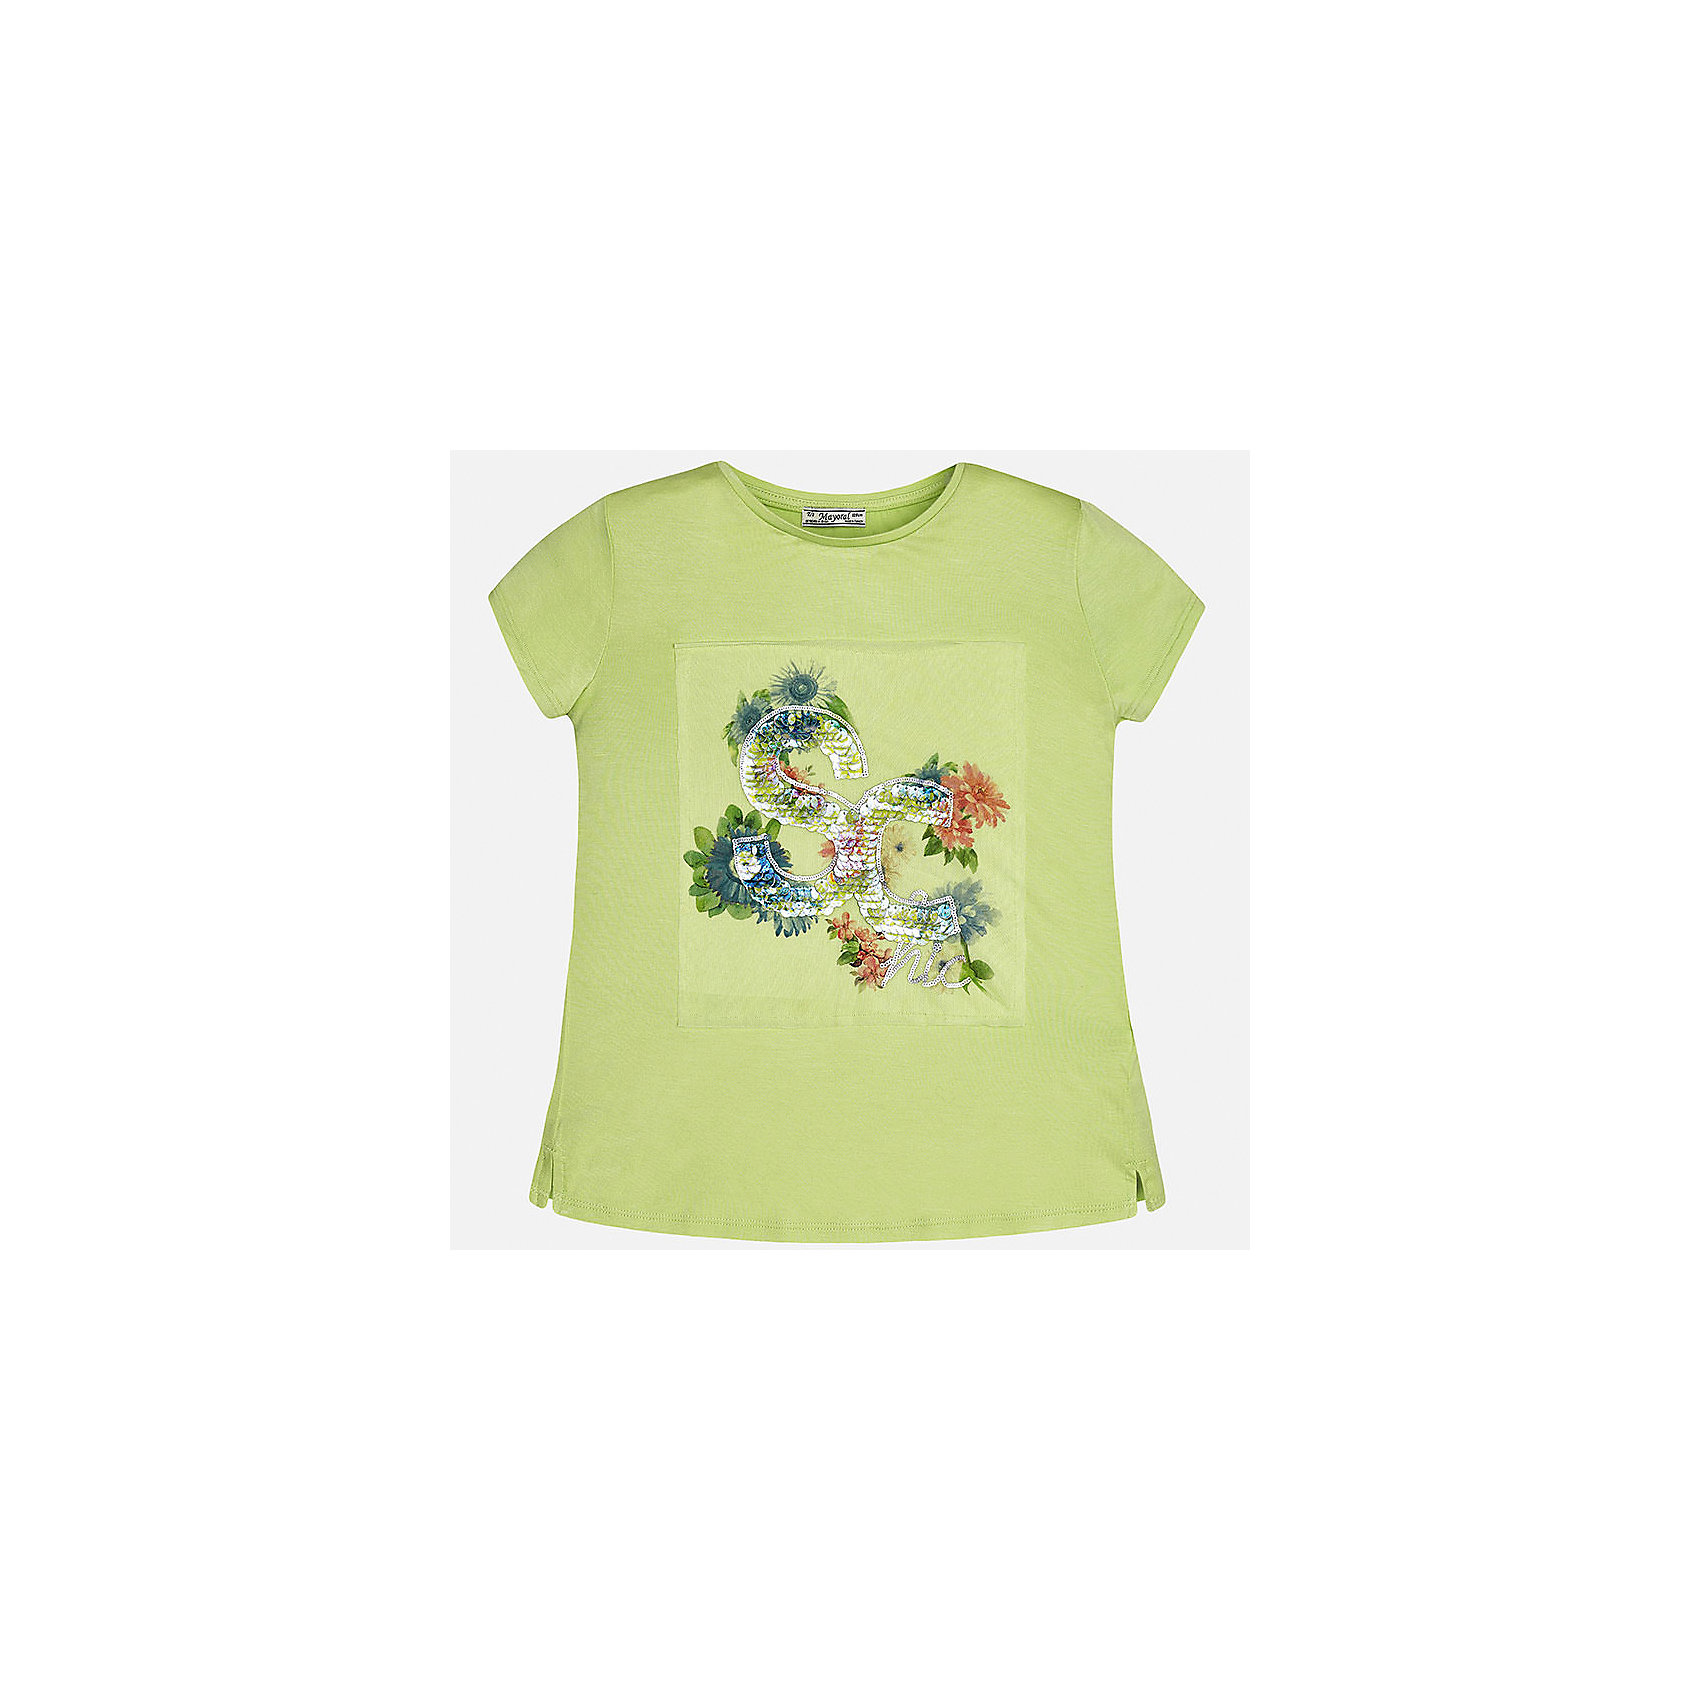 Футболка для девочки MayoralХарактеристики товара:<br><br>• цвет: зеленый<br>• состав: 95% вискоза, 5% эластан<br>• пайетки<br>• декорирована принтом<br>• короткие рукава<br>• округлый горловой вырез<br>• страна бренда: Испания<br><br>Модная качественная футболка для девочки поможет разнообразить гардероб ребенка и украсить наряд. Она отлично сочетается и с юбками, и с шортами, и с брюками. Универсальный цвет позволяет подобрать к вещи низ практически любой расцветки. Интересная отделка модели делает её нарядной и оригинальной.<br><br>Одежда, обувь и аксессуары от испанского бренда Mayoral полюбились детям и взрослым по всему миру. Модели этой марки - стильные и удобные. Для их производства используются только безопасные, качественные материалы и фурнитура. Порадуйте ребенка модными и красивыми вещами от Mayoral! <br><br>Футболку для девочки от испанского бренда Mayoral (Майорал) можно купить в нашем интернет-магазине.<br><br>Ширина мм: 199<br>Глубина мм: 10<br>Высота мм: 161<br>Вес г: 151<br>Цвет: зеленый<br>Возраст от месяцев: 168<br>Возраст до месяцев: 180<br>Пол: Женский<br>Возраст: Детский<br>Размер: 170,128/134,140,152,158,164<br>SKU: 5300709